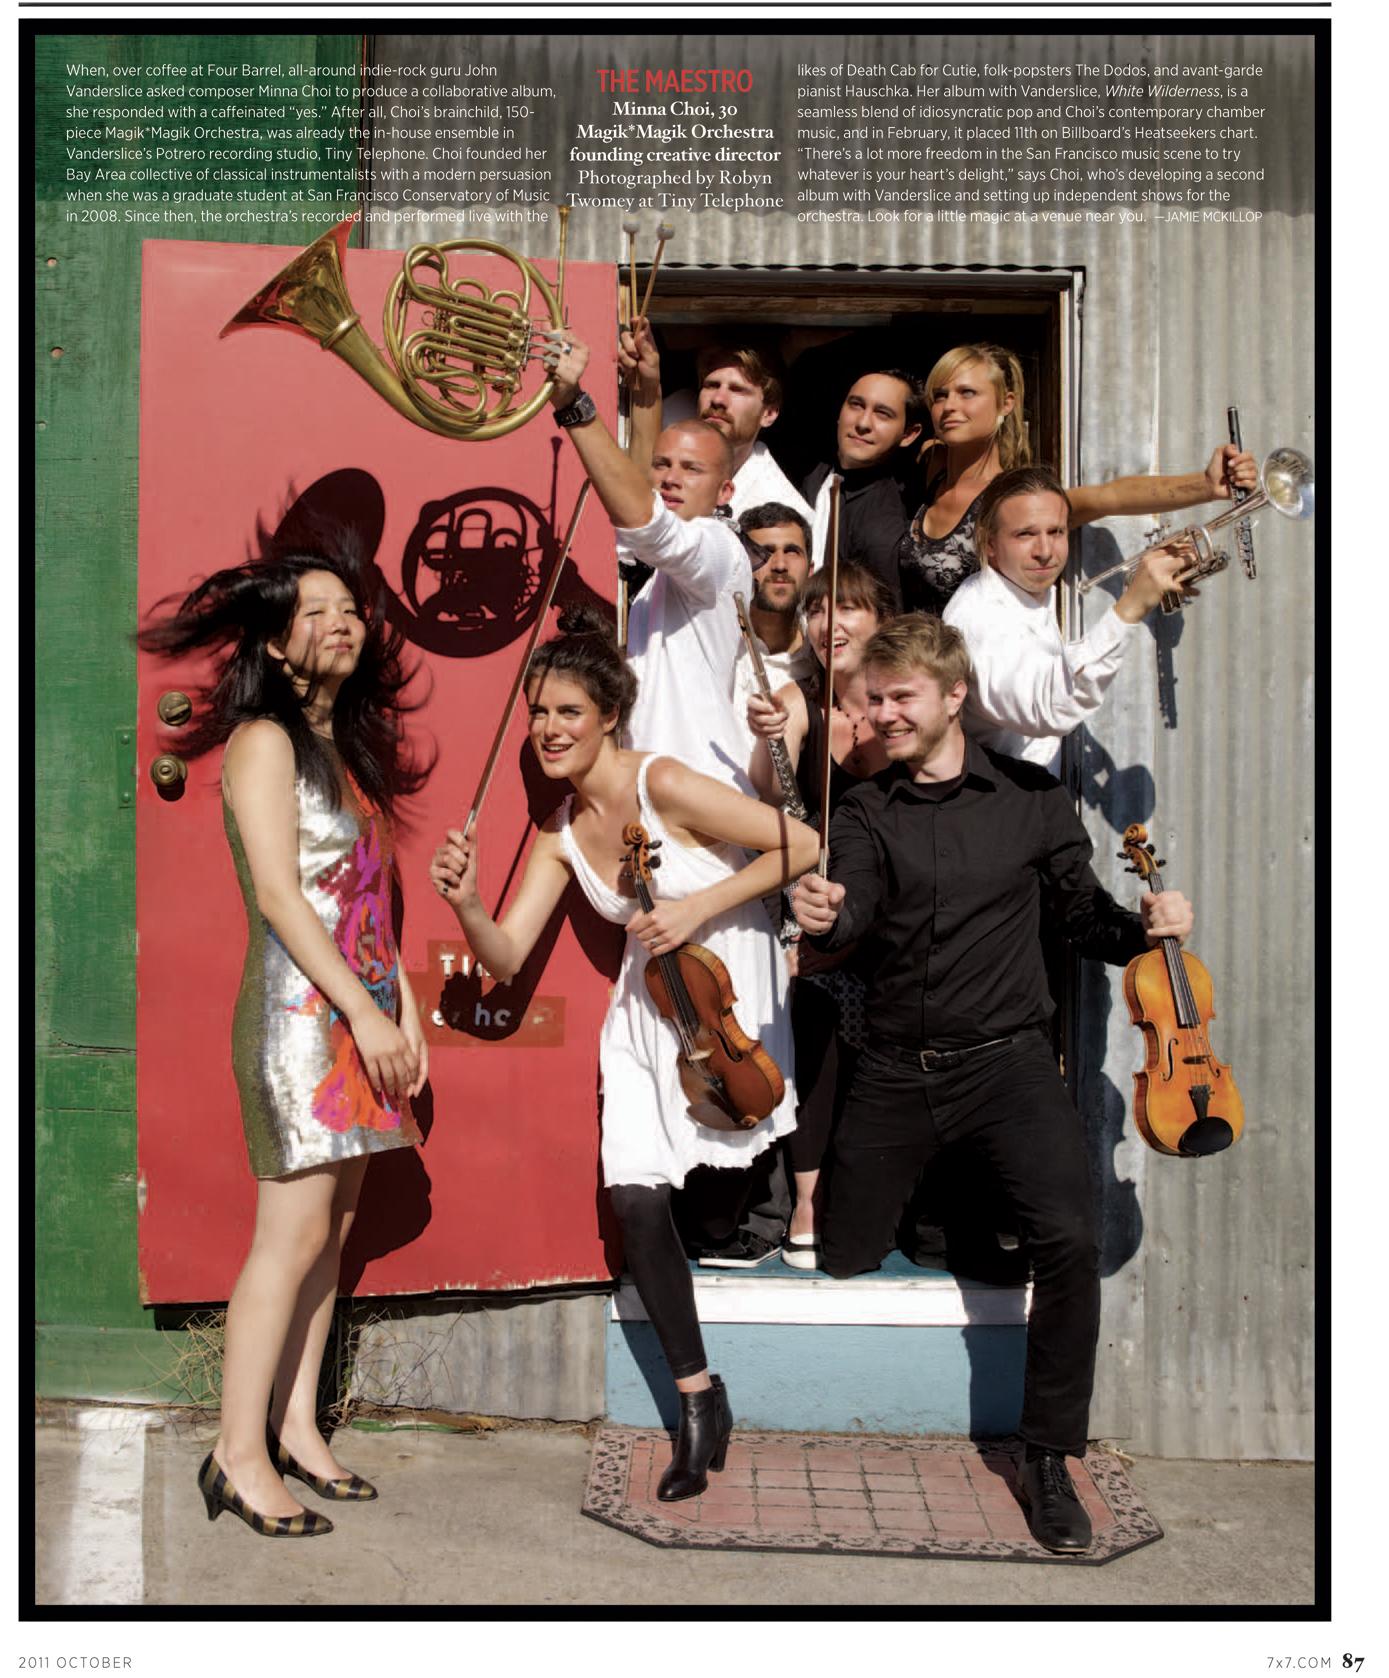 Magik*Magik Orchestra